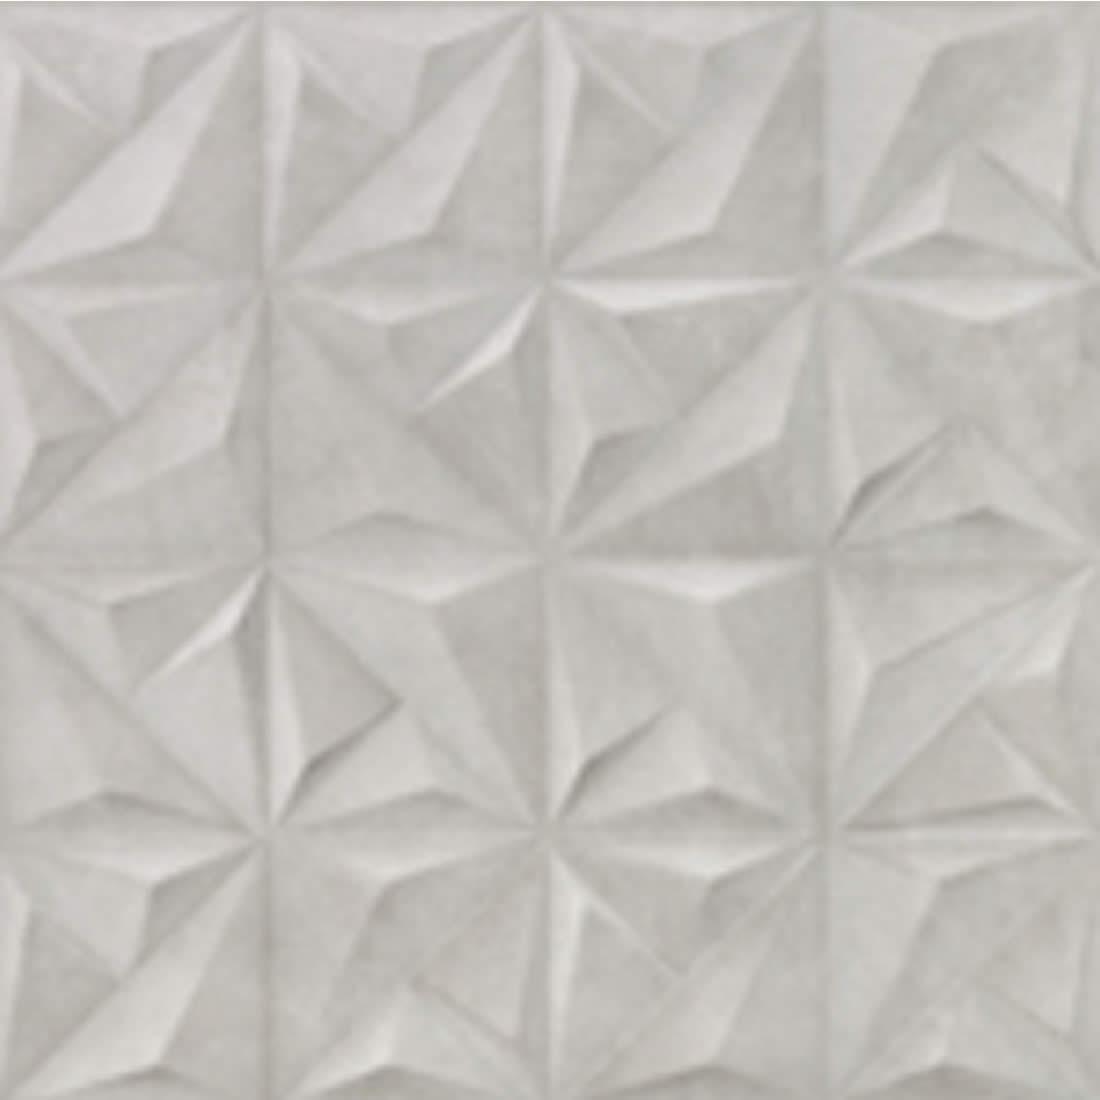 Porcelanato Portinari 58,4 x 58,4 Sense Abvstract SGR Matte Ref